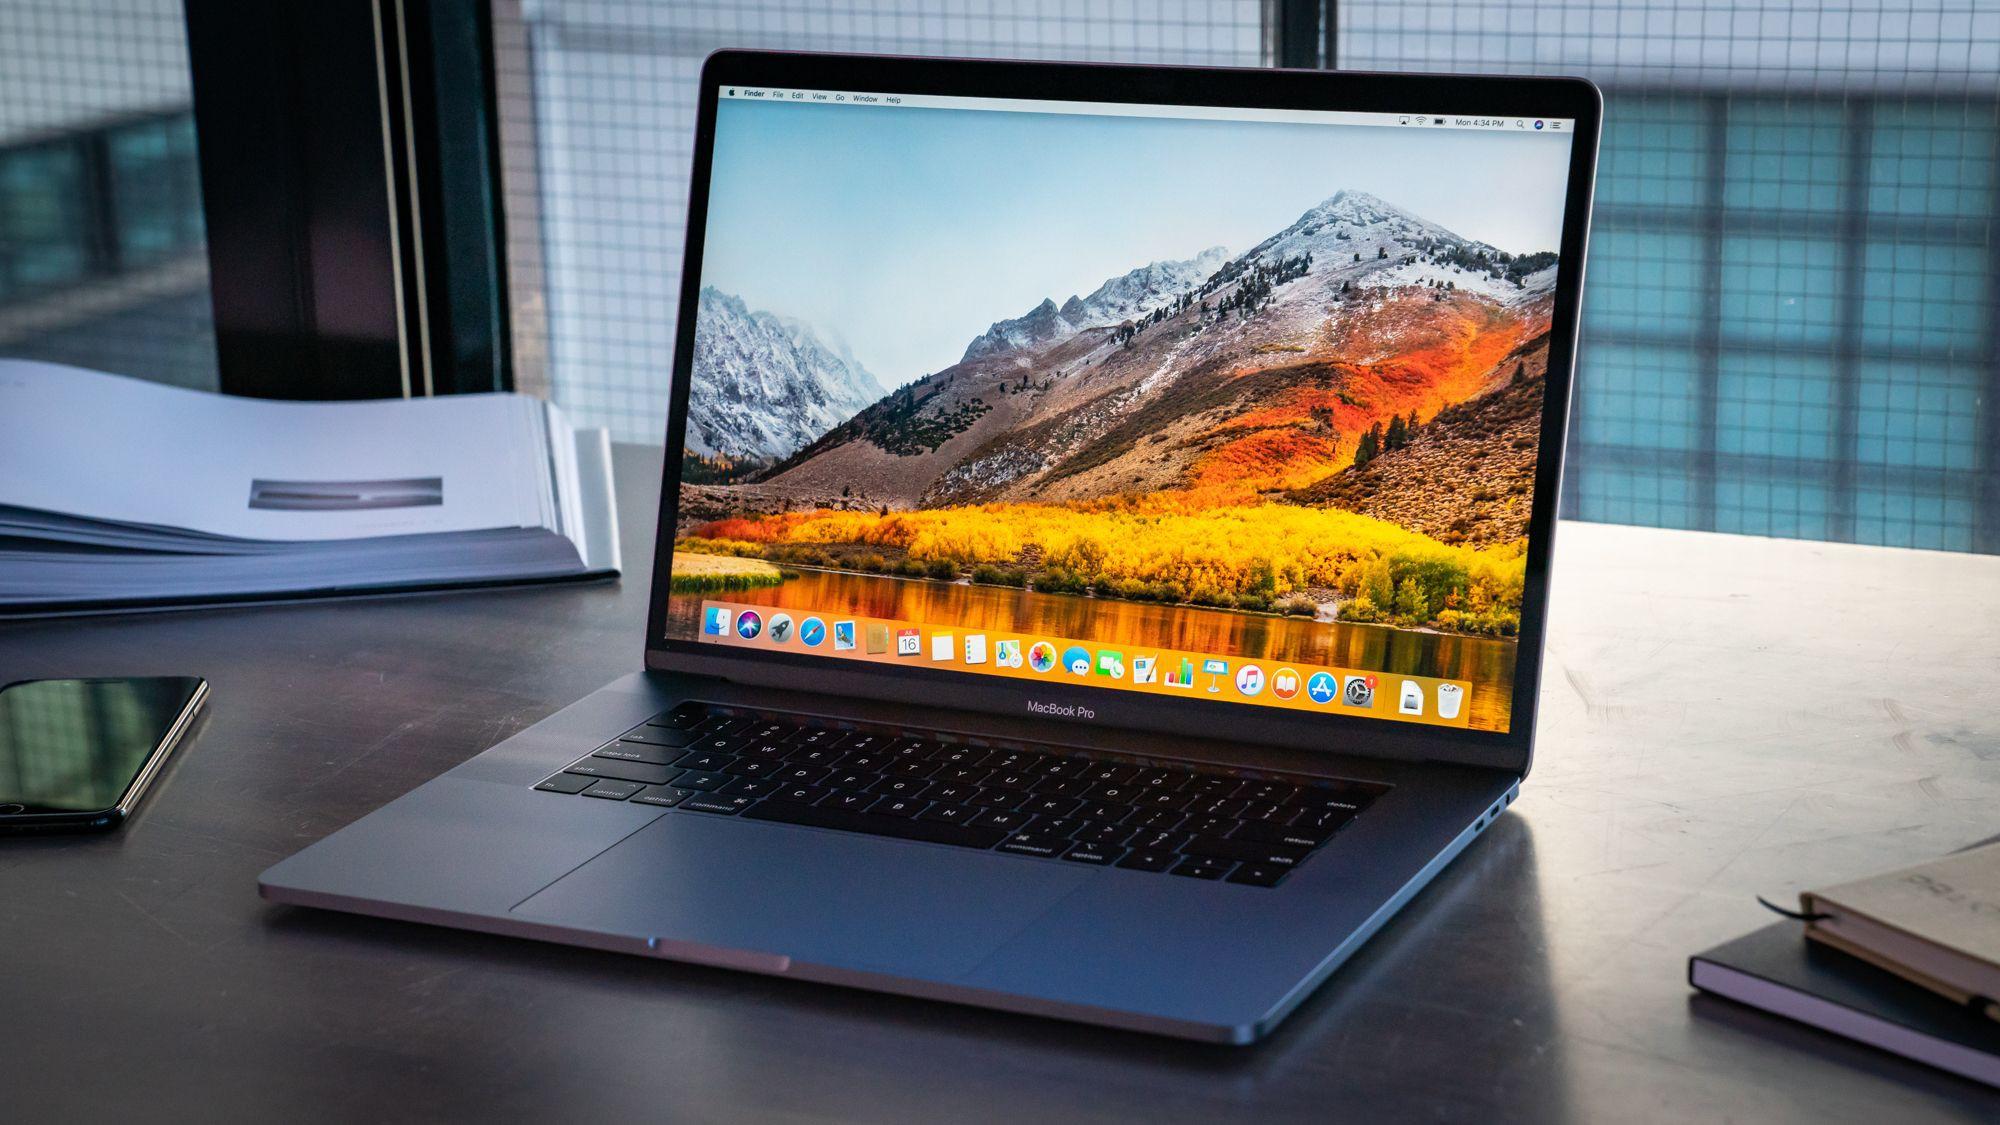 podłącz projektor do Macbooka Pro wymień wszystkie witryny randkowe w Wielkiej Brytanii